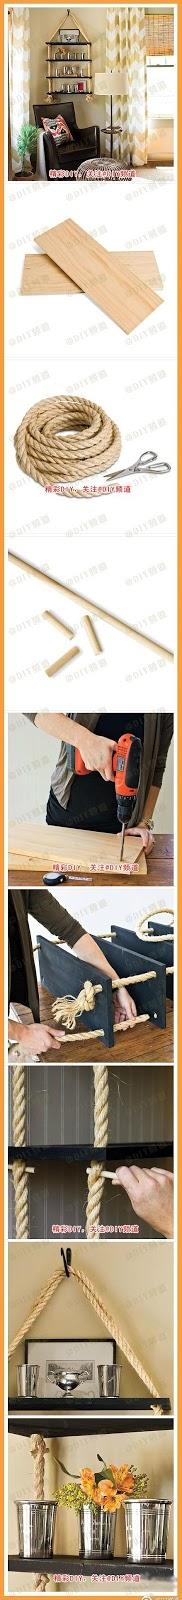 como fazer uma prateleira facil com cordas madeira